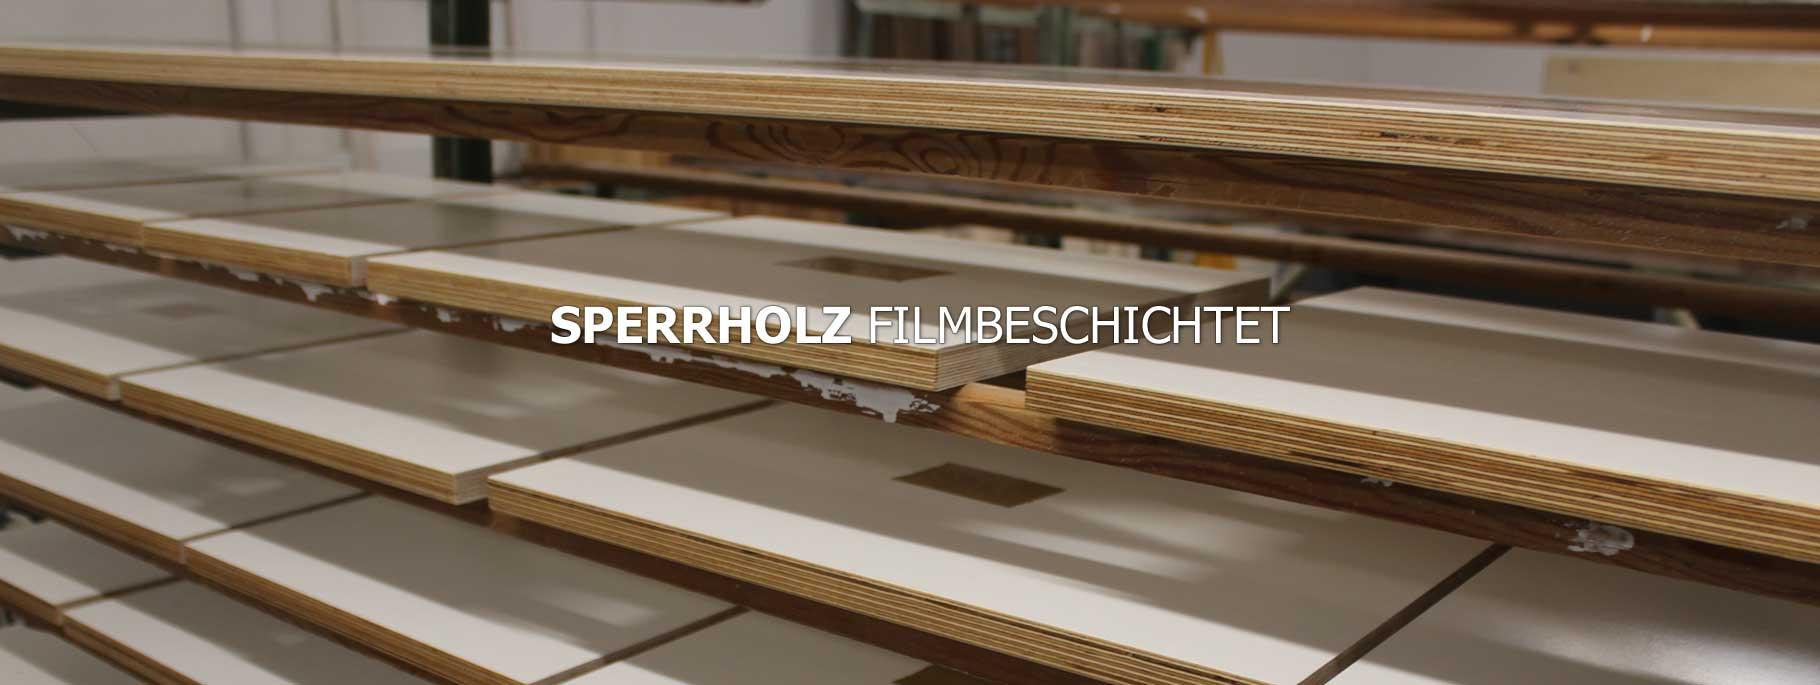 SPERRHOLZ/MULTIPLEX FILMBESCHICHTET